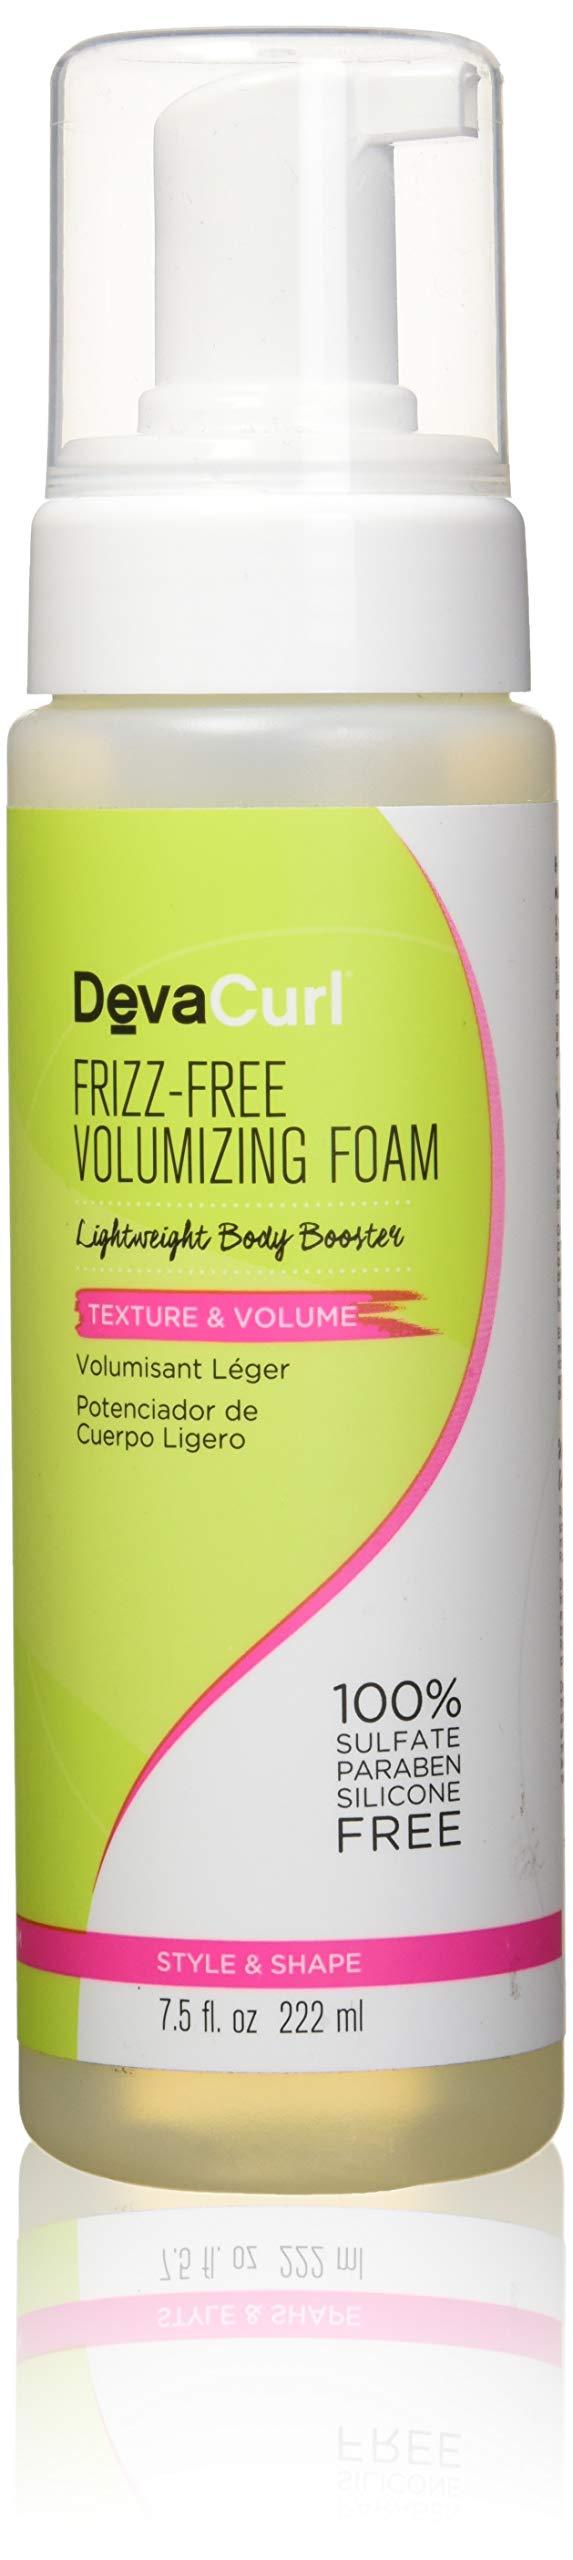 DevaCurl Frizz-Free Volumizing Foam 7.5 oz by DevaCurl